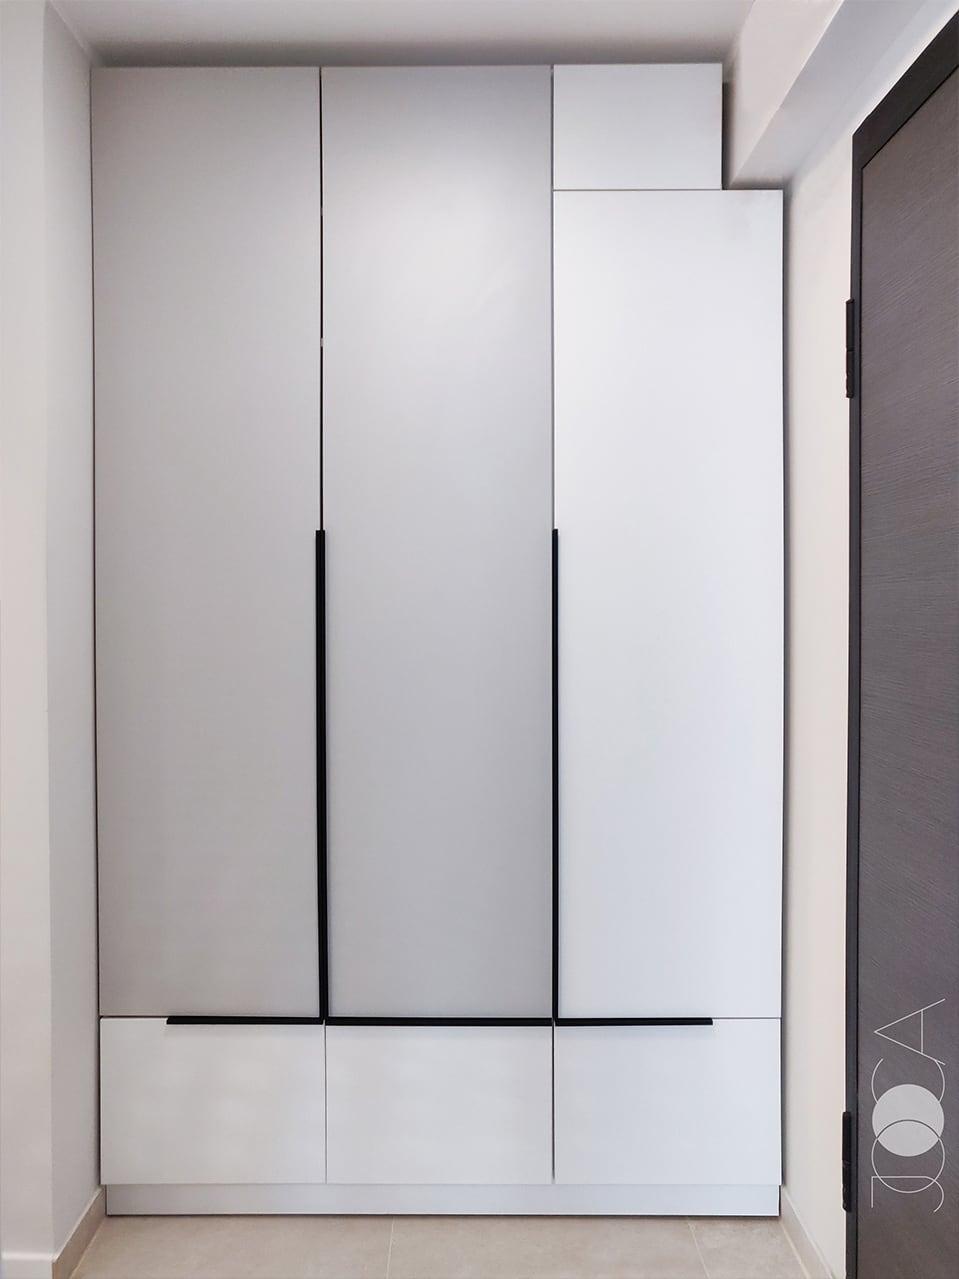 Spatiile de depozitare sunt simple si inalte, realizate intr-o combinatie de gri si alb. Manerele sunt de tip profile metalice, vopsite negru.